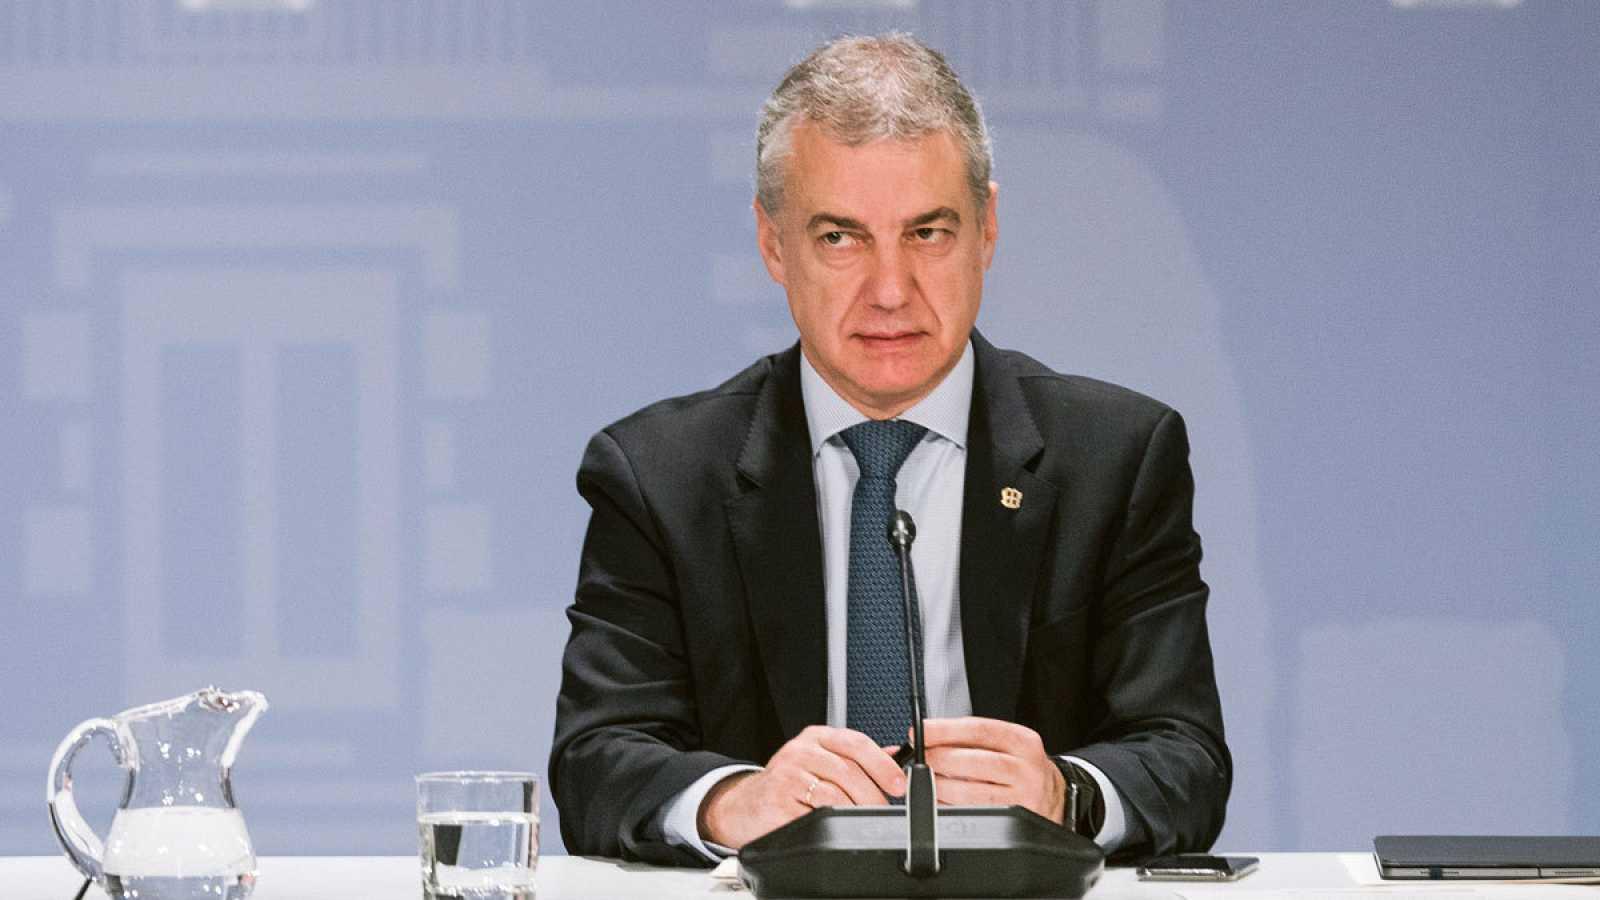 El Gobierno vasco analiza legalmente si se mantienen las elecciones autonómicas